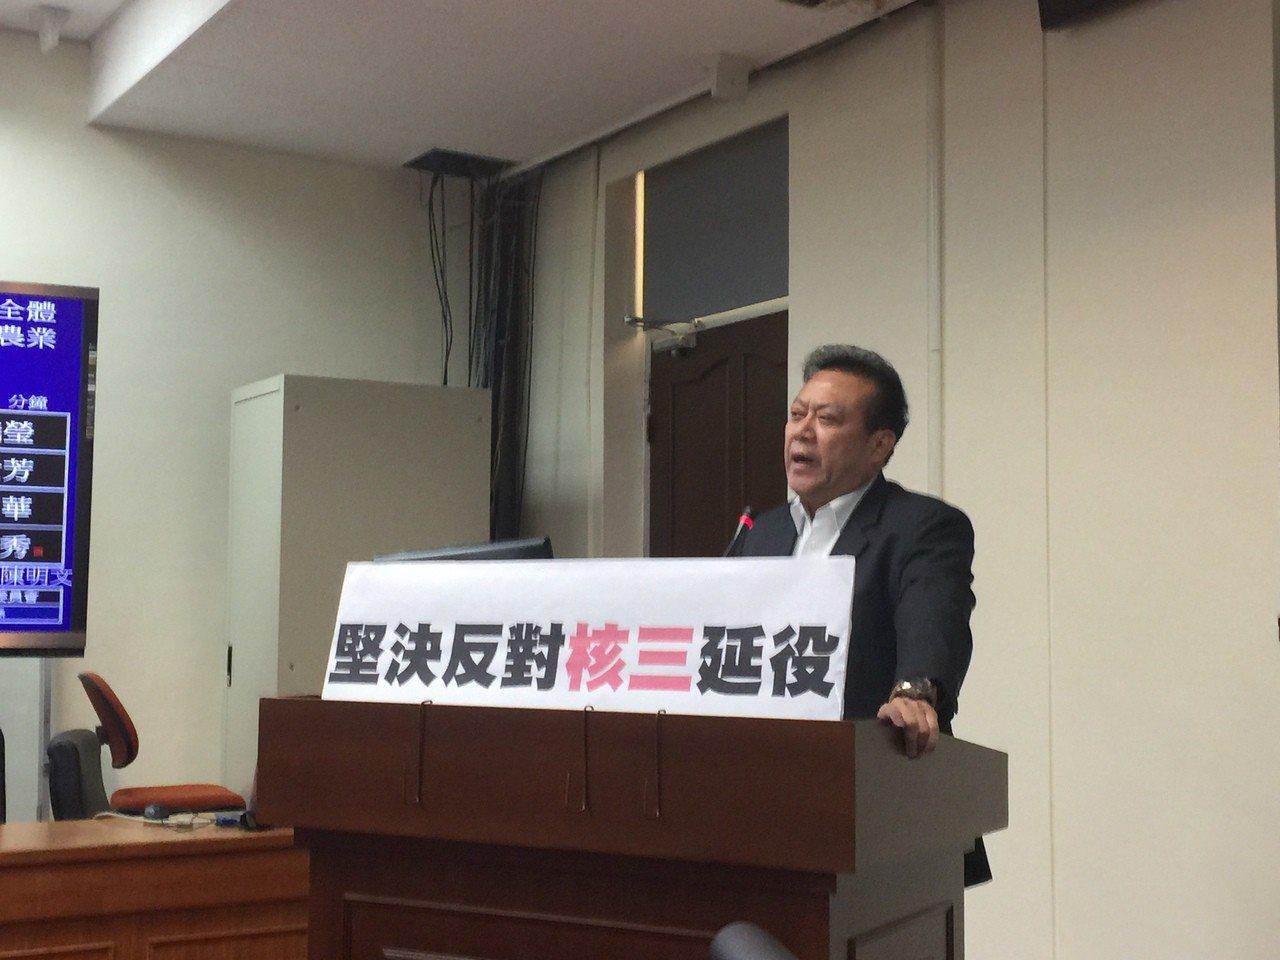 屏東立委蘇震清堅決反對核三廠延役。記者張語羚/攝影